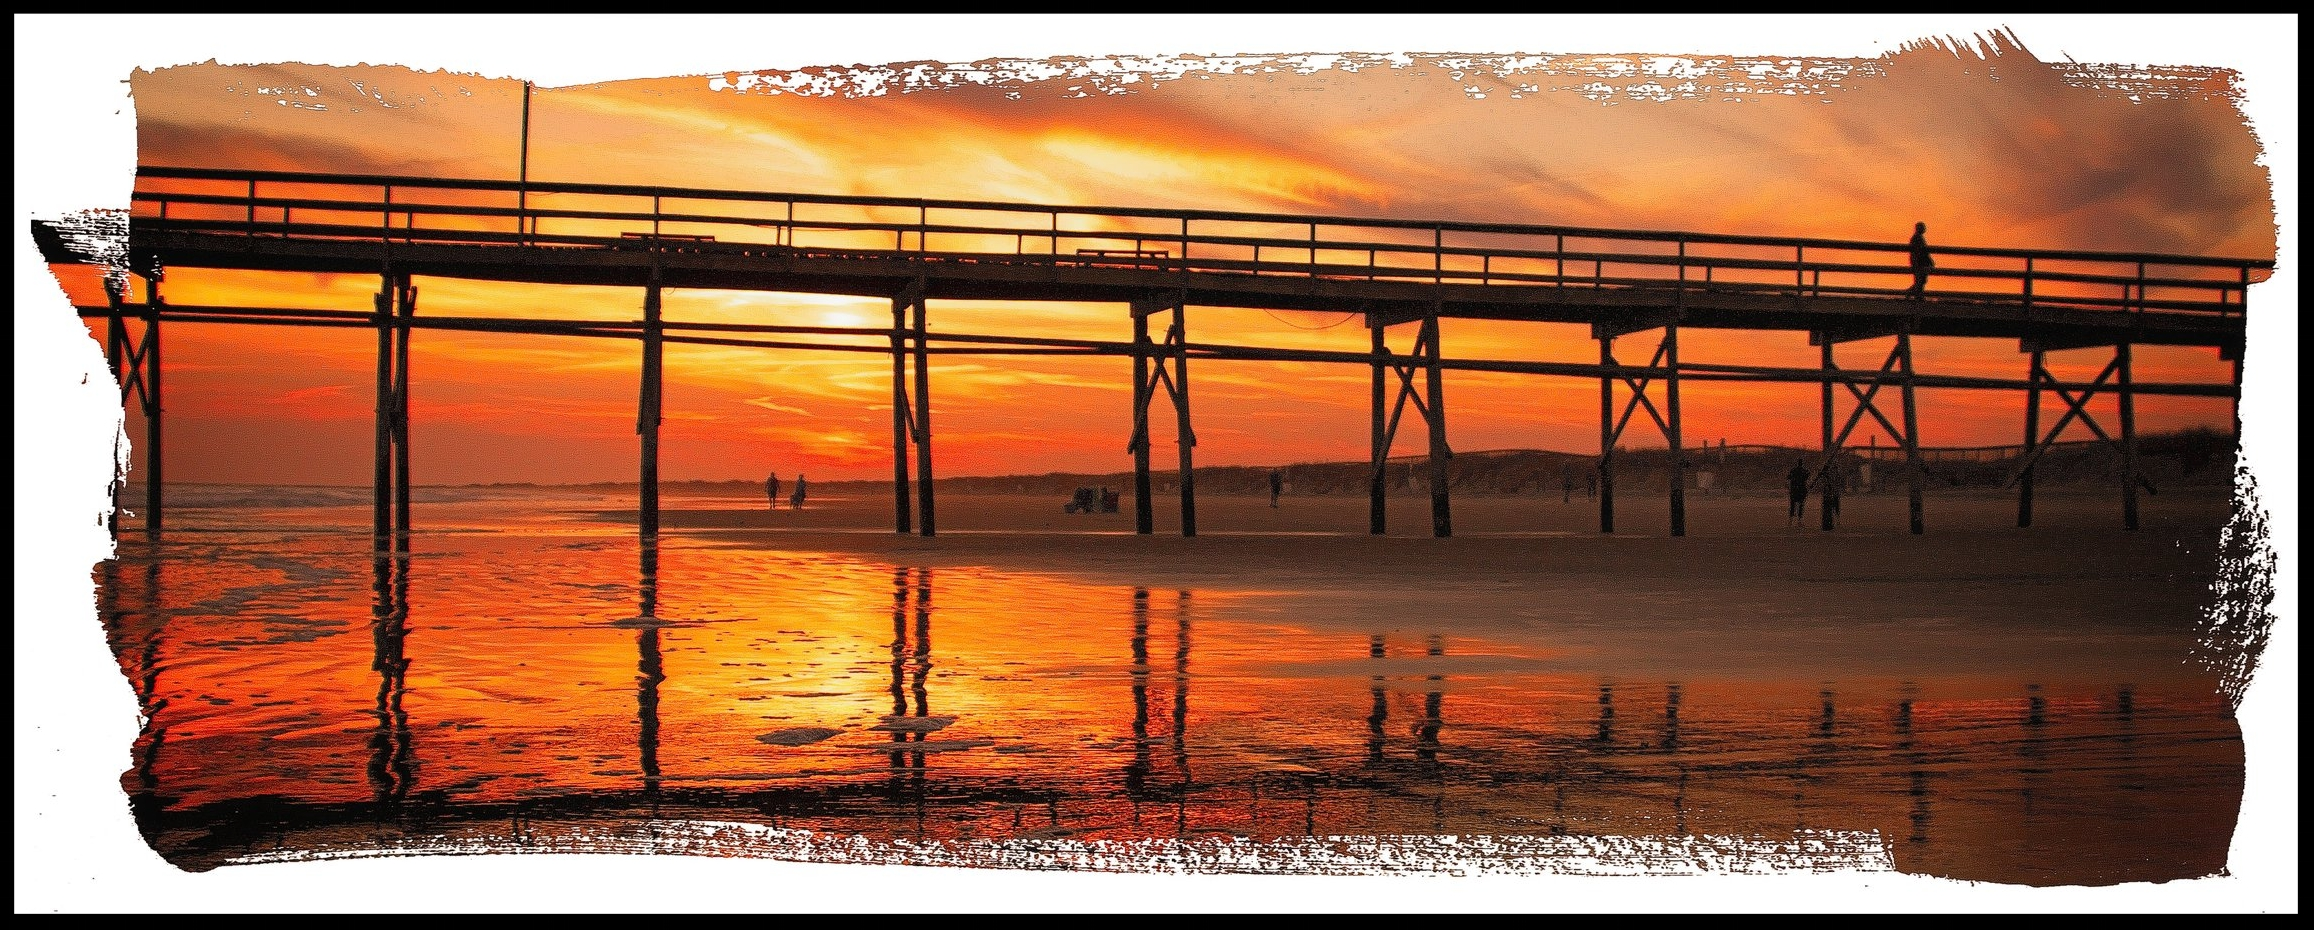 Sunset Beach Pier at Sunset 01 8x20.jpg